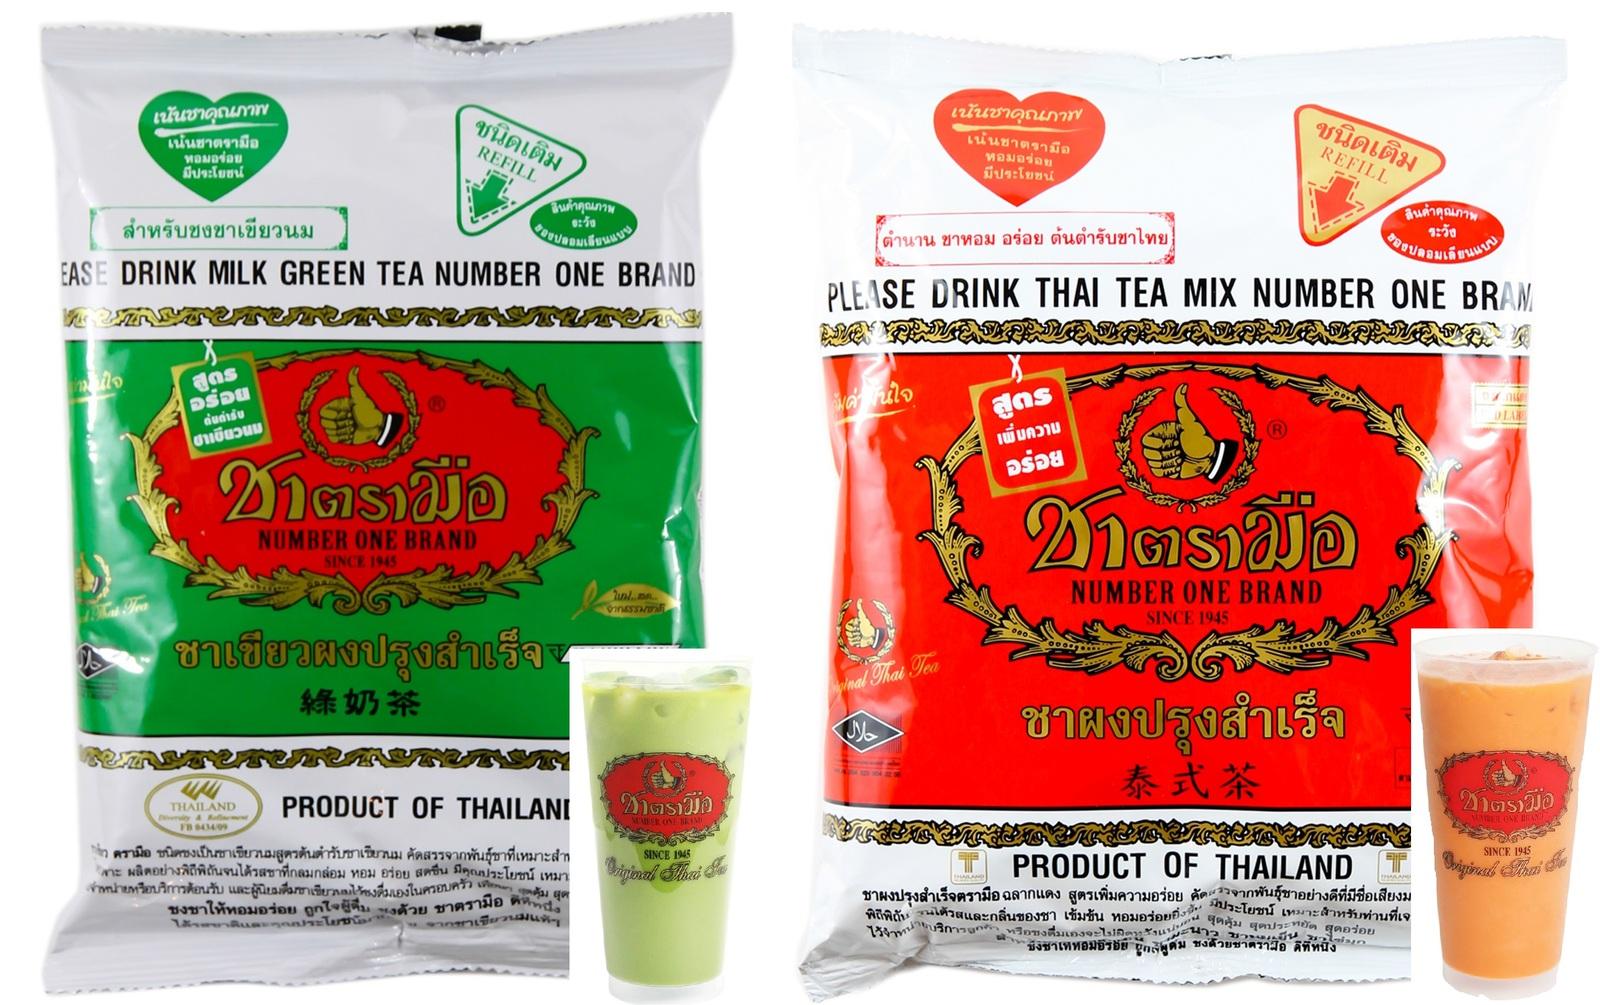 тайский чай зеленый и оранжевый